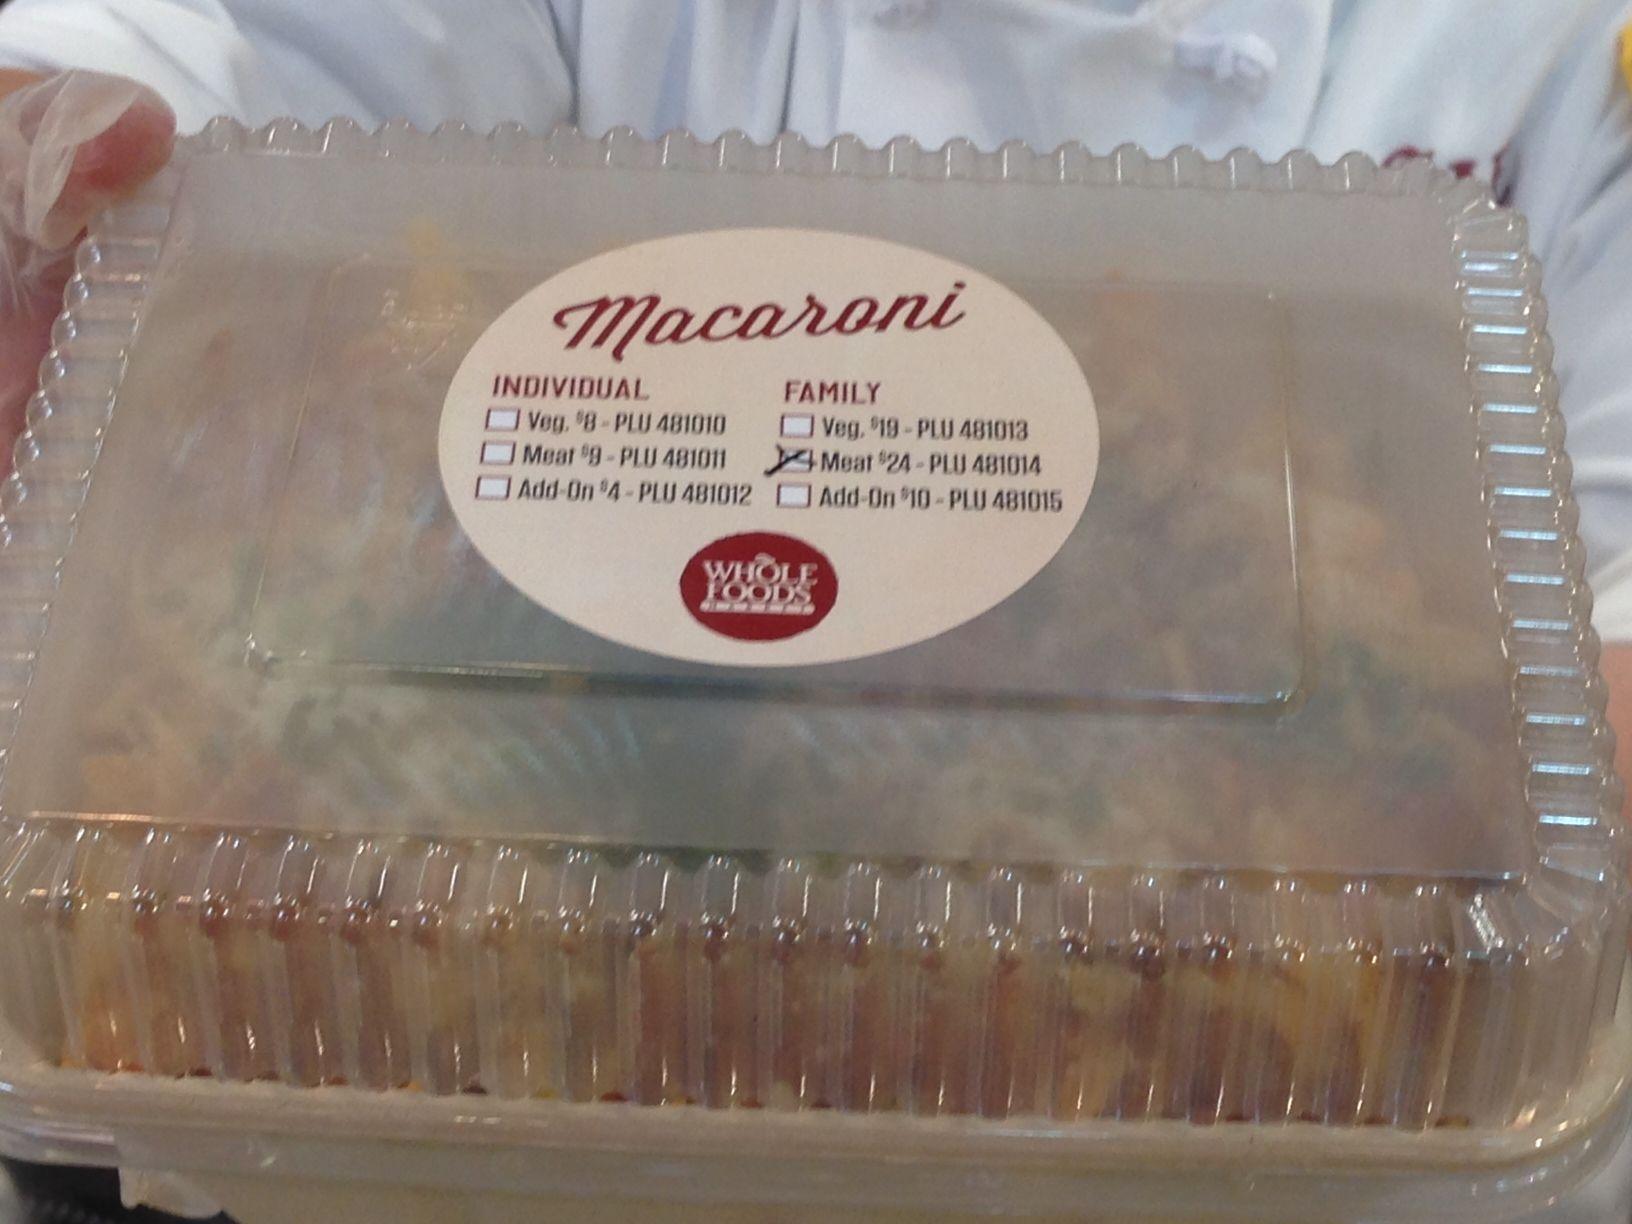 Family size gluten free to go enjoy maninis gluten free